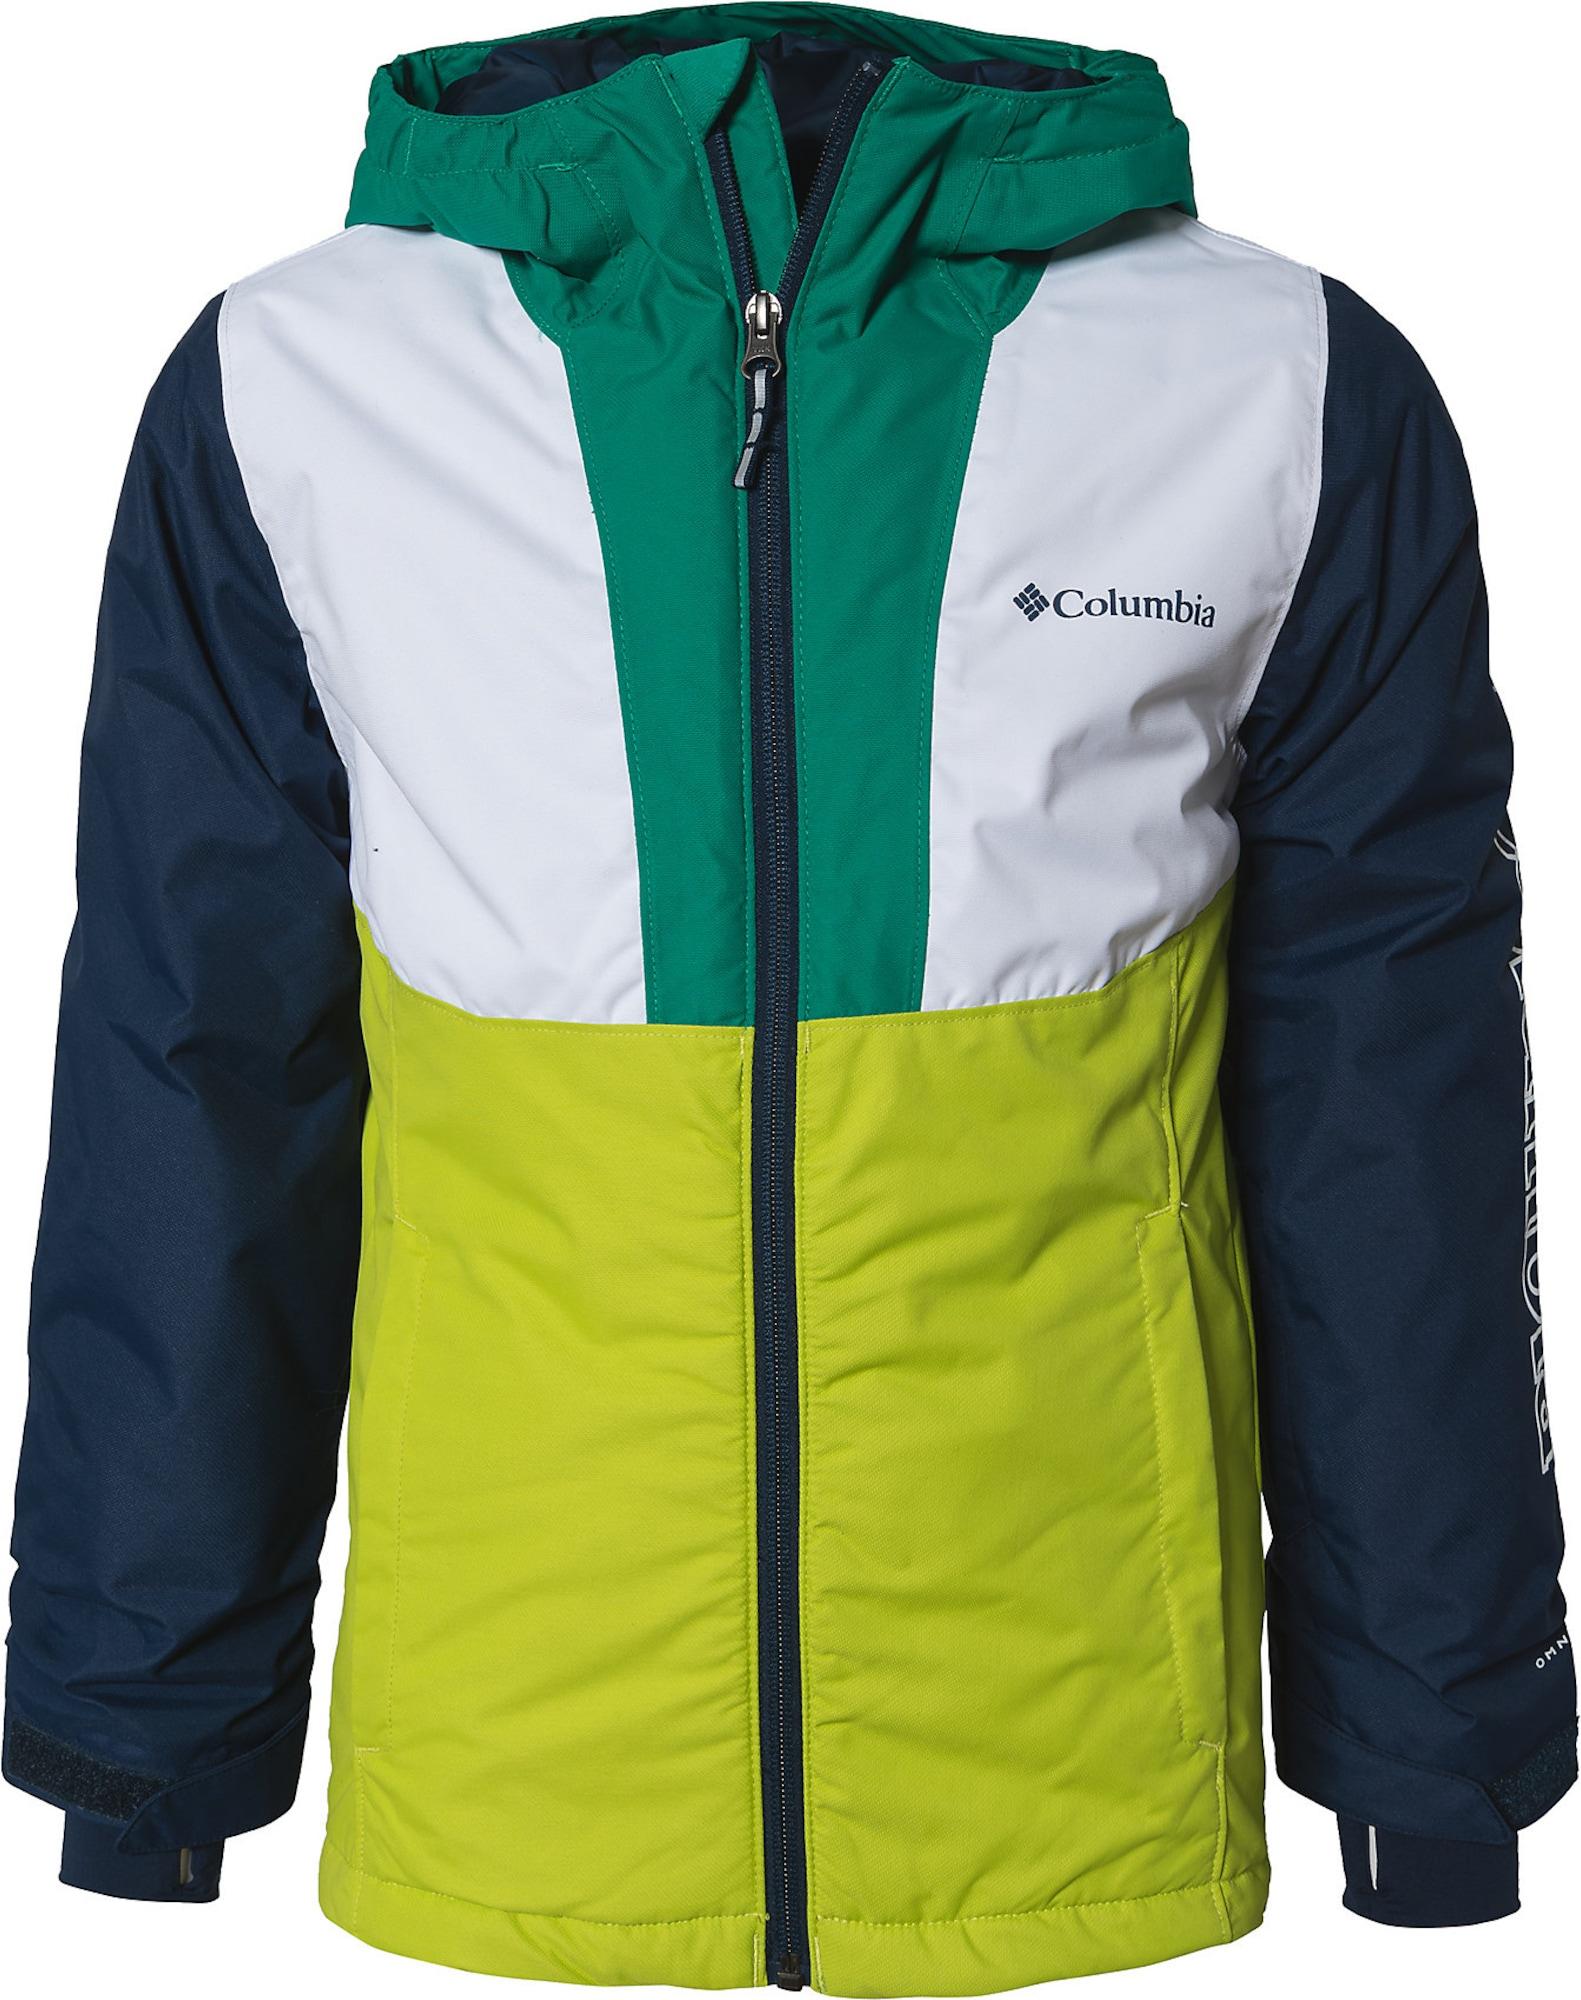 COLUMBIA Laisvalaikio striukė balta / tamsiai mėlyna / smaragdinė spalva / kivių spalva